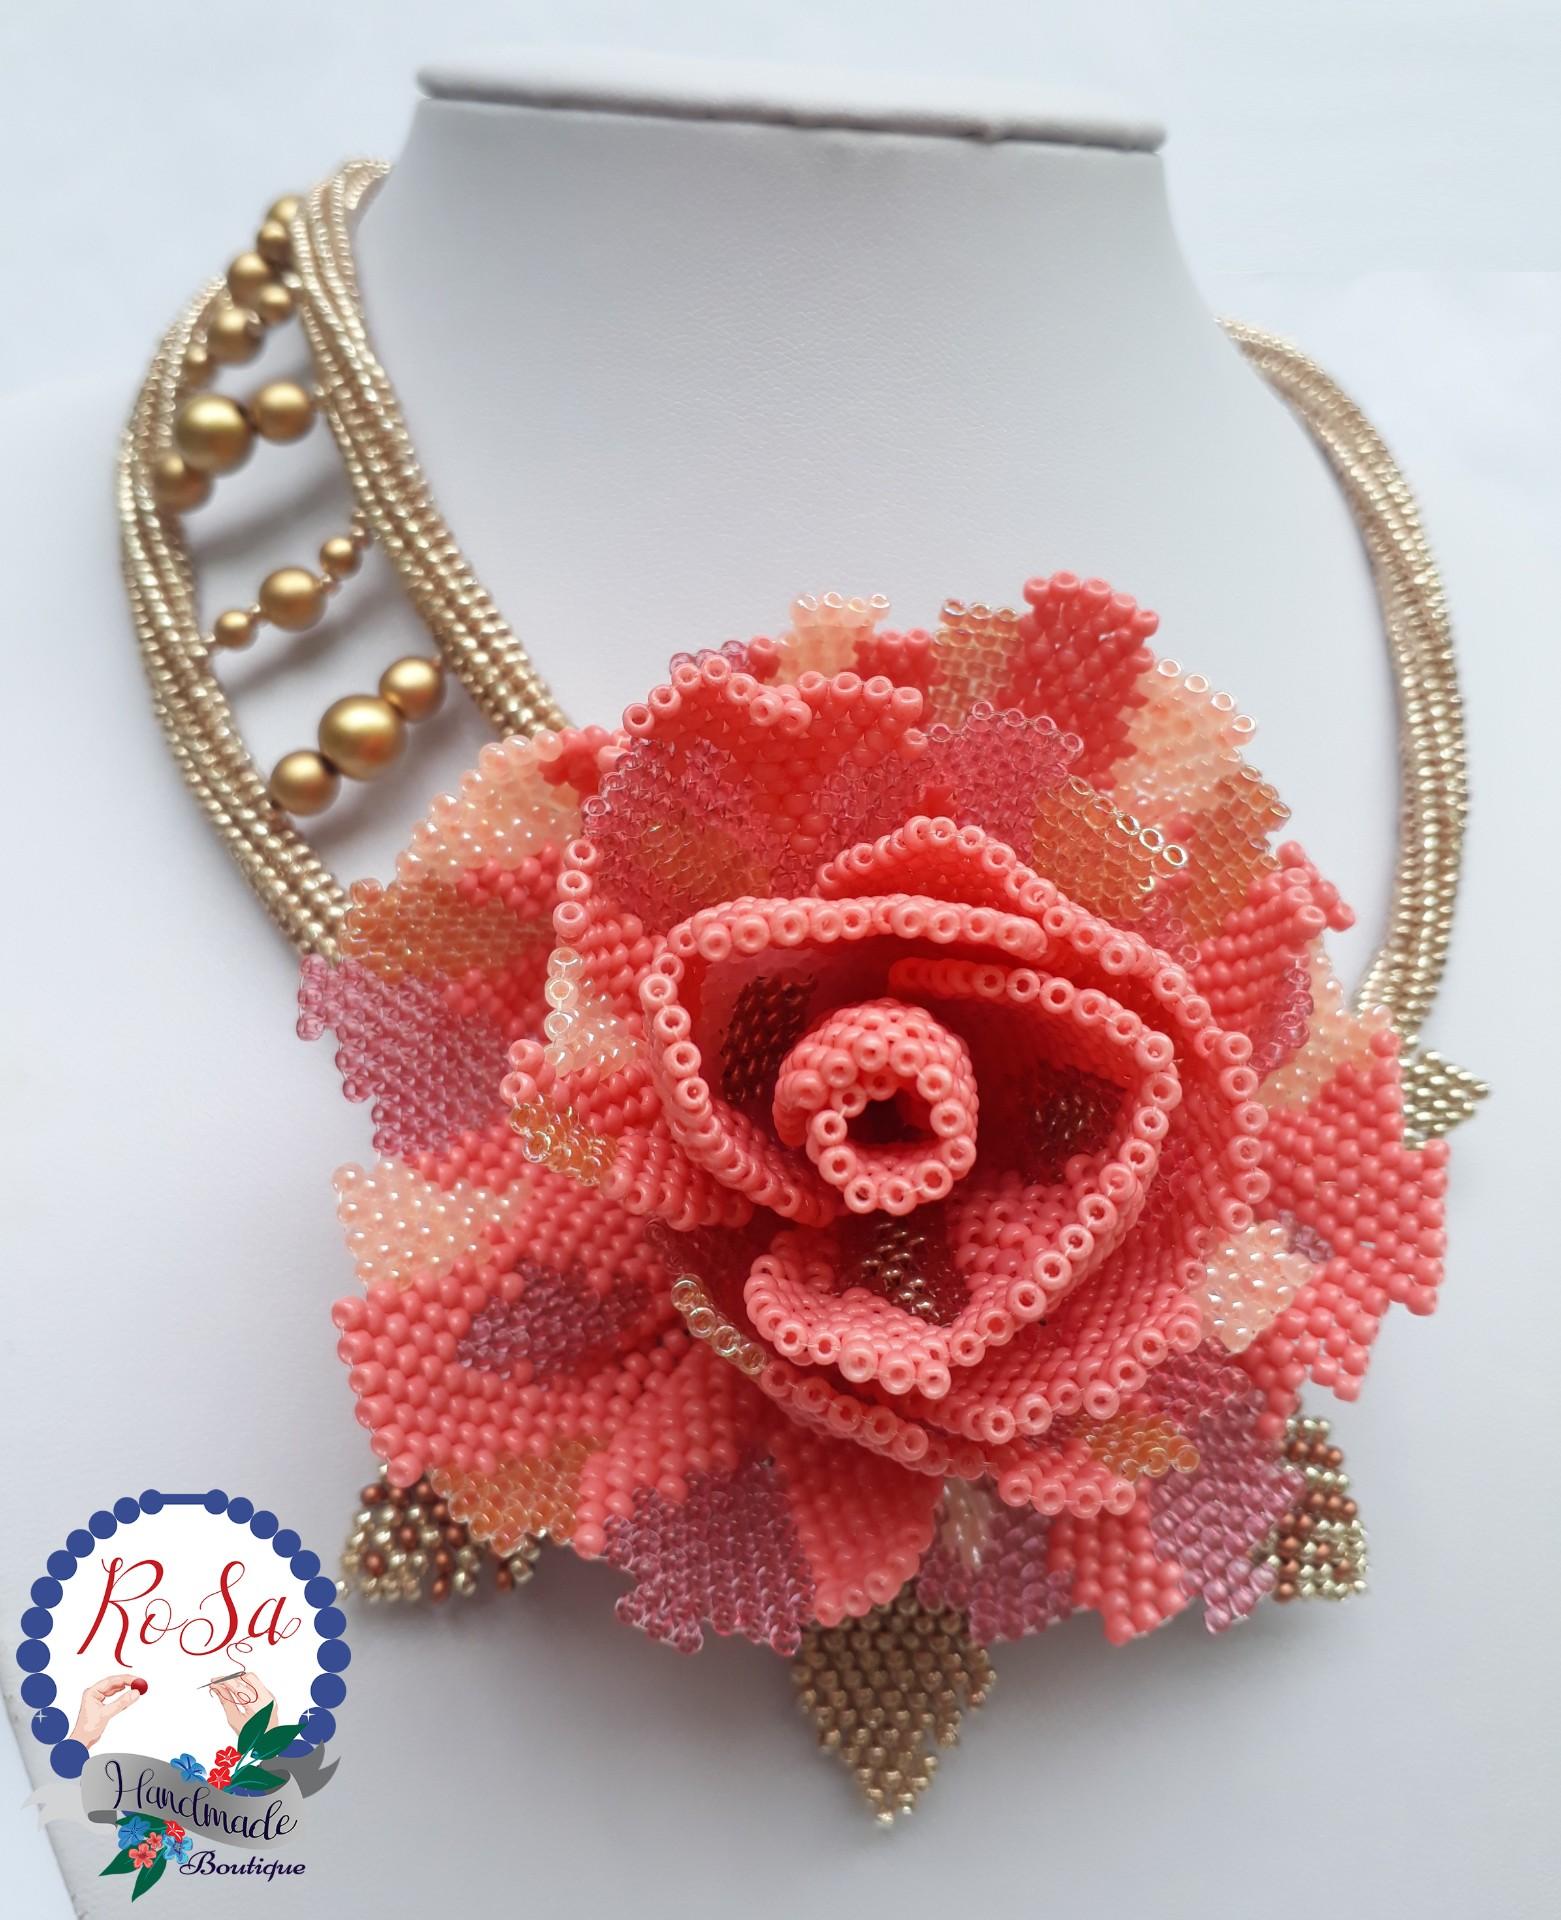 RoSa Handmade Boutique